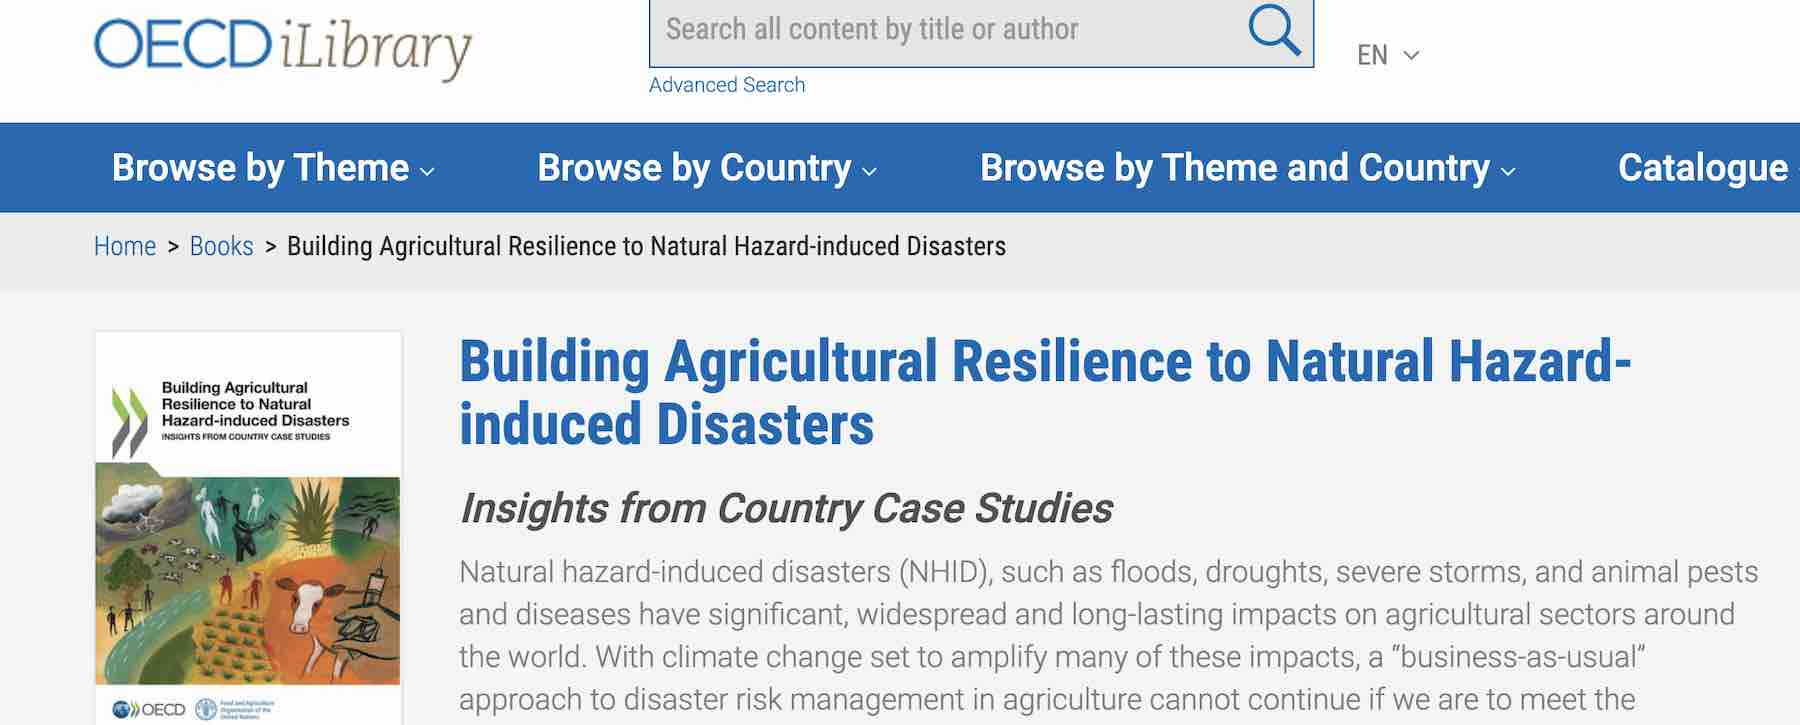 OECD report banner